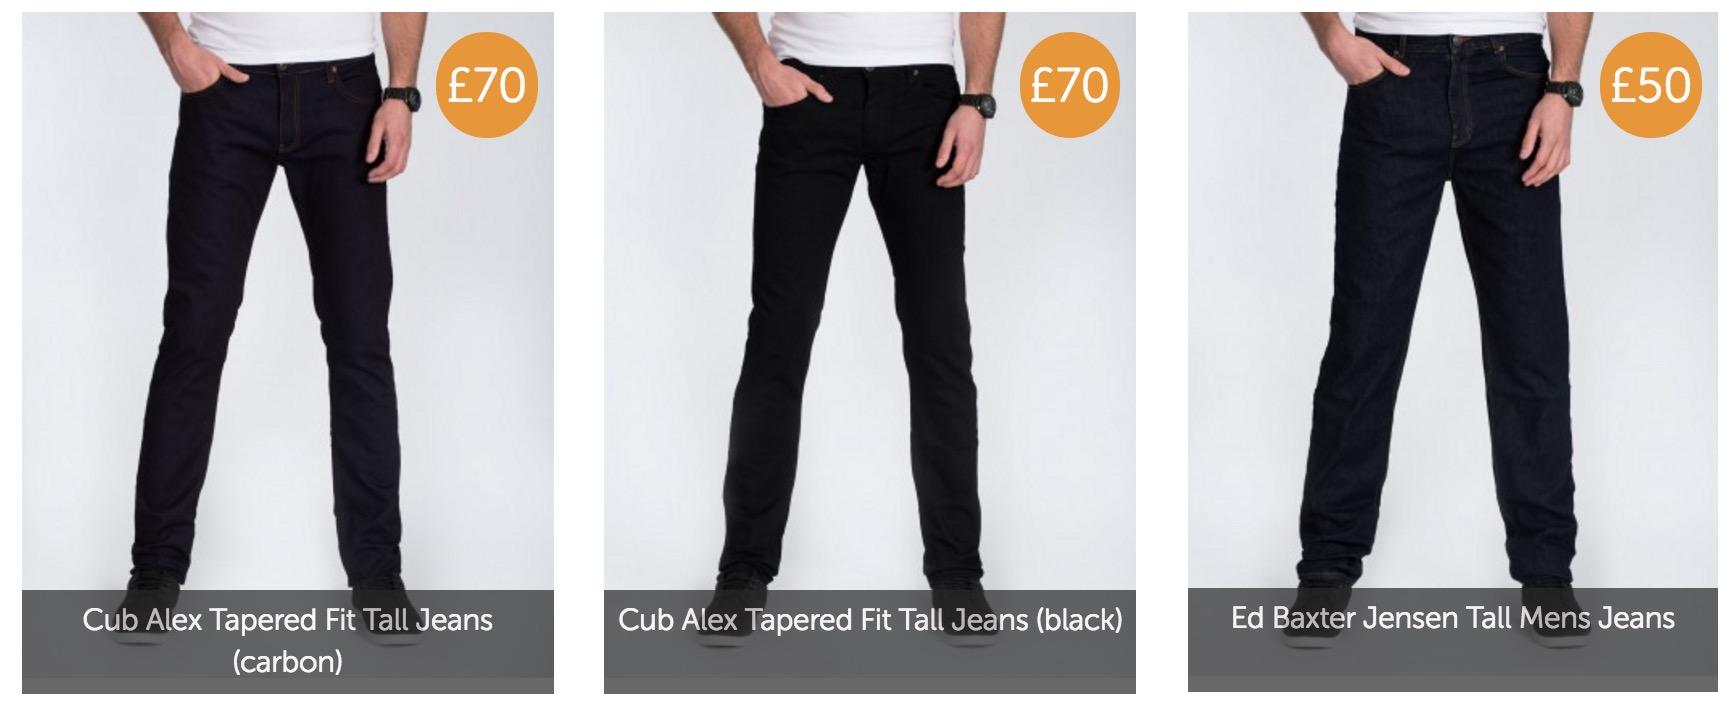 2 tall jeans black slim